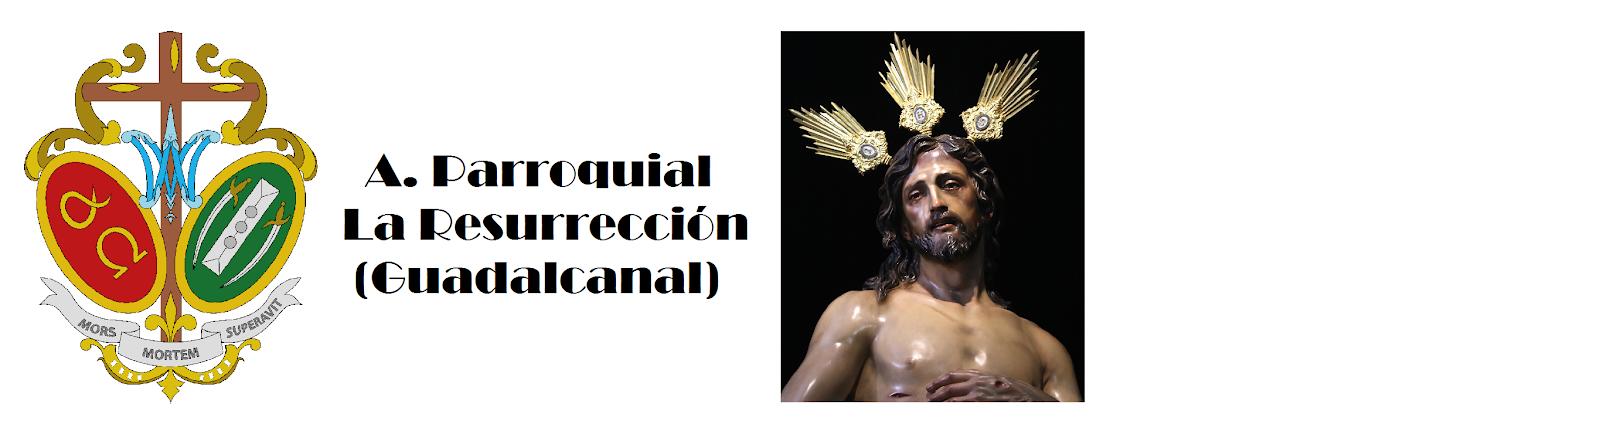 A. Parroquial La Resurrección